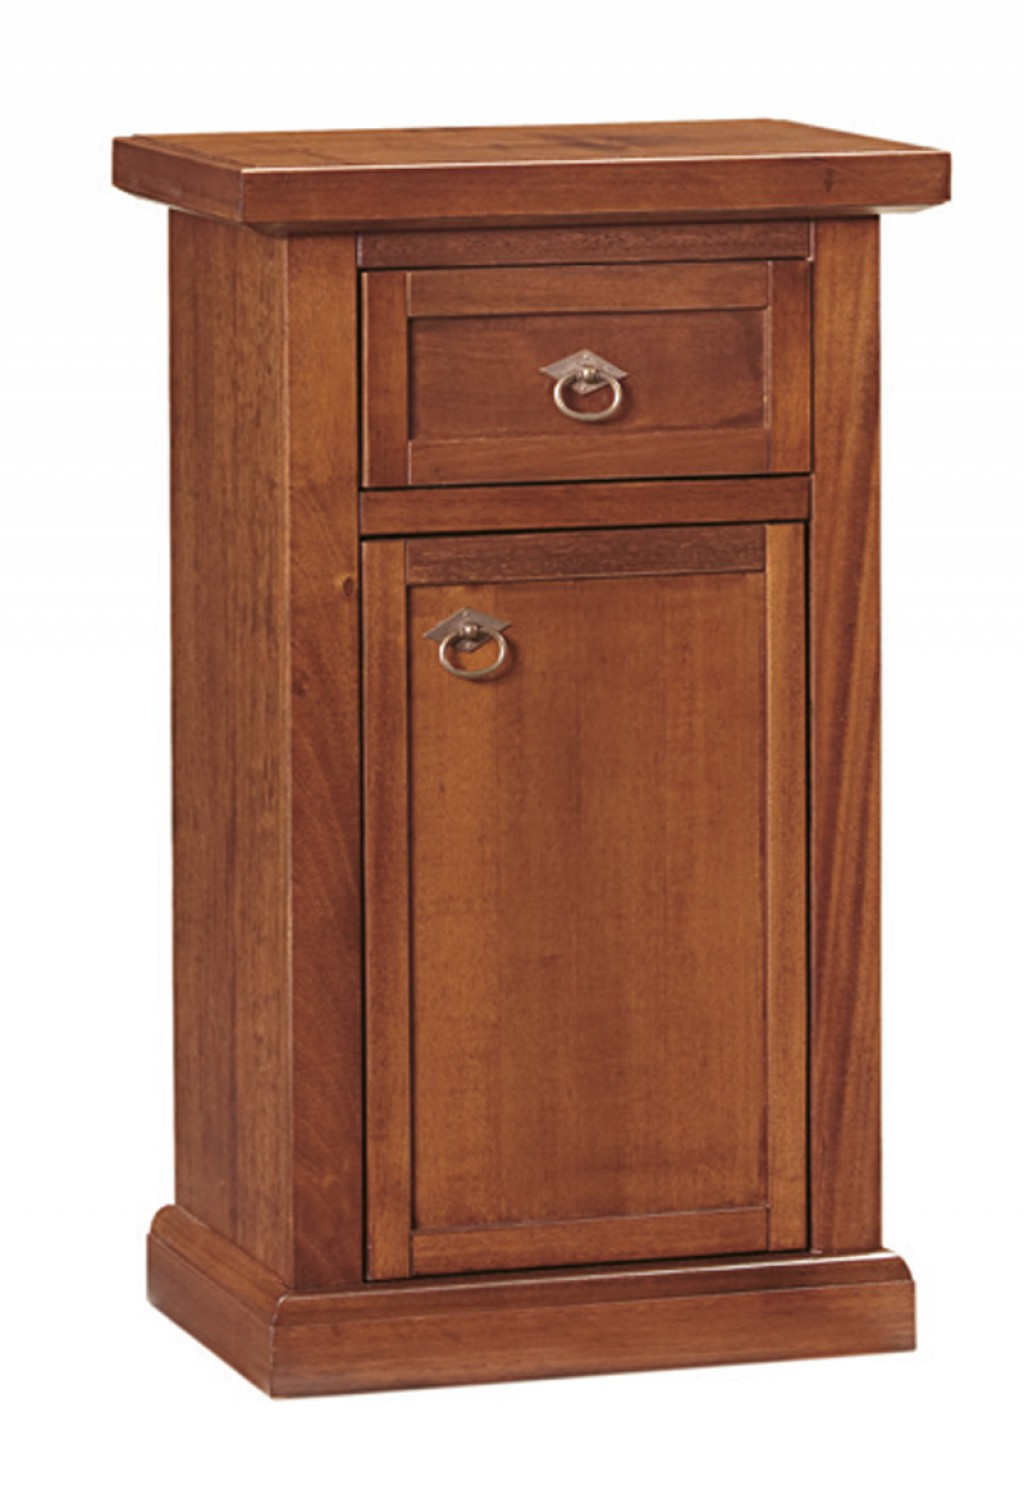 Porta telefono classico et375 cucine mobili di qualit - Iva bonus mobili ...